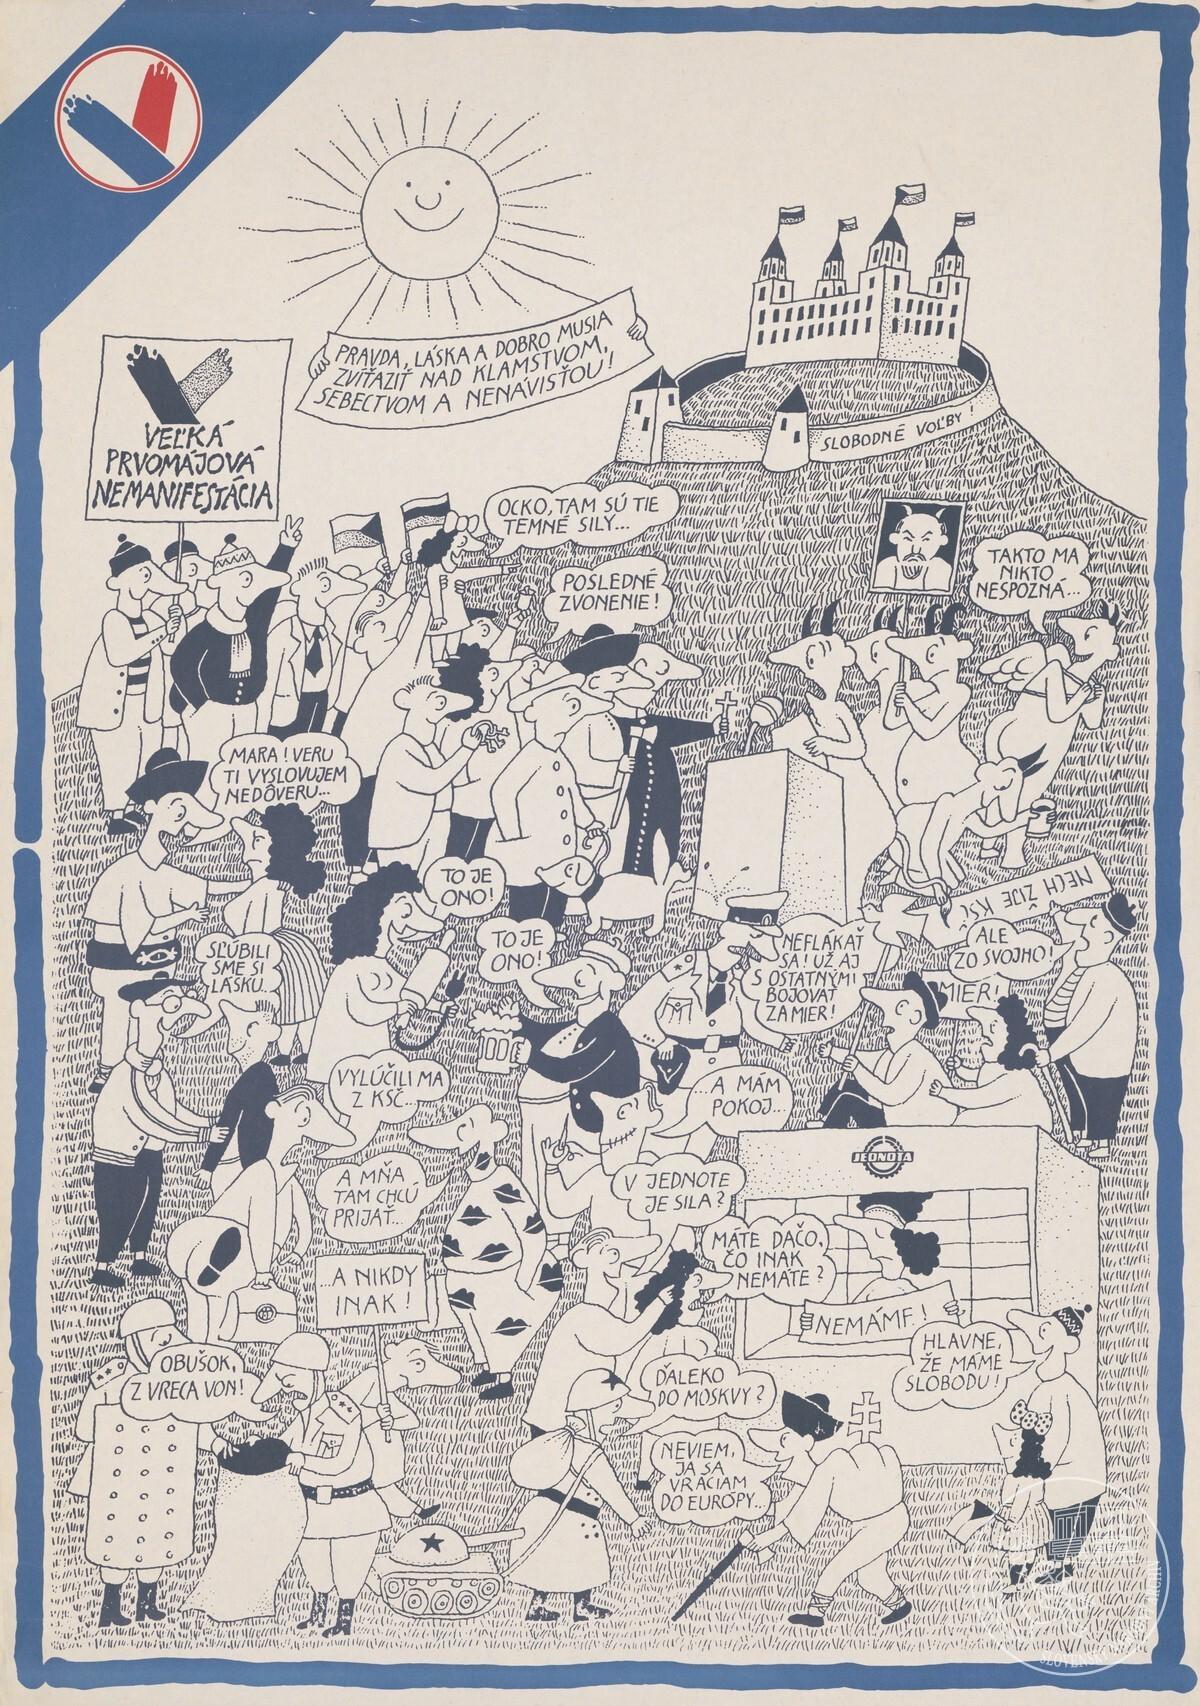 Veľká prvomájová manifestácia. 1990. Slovenský národný archív